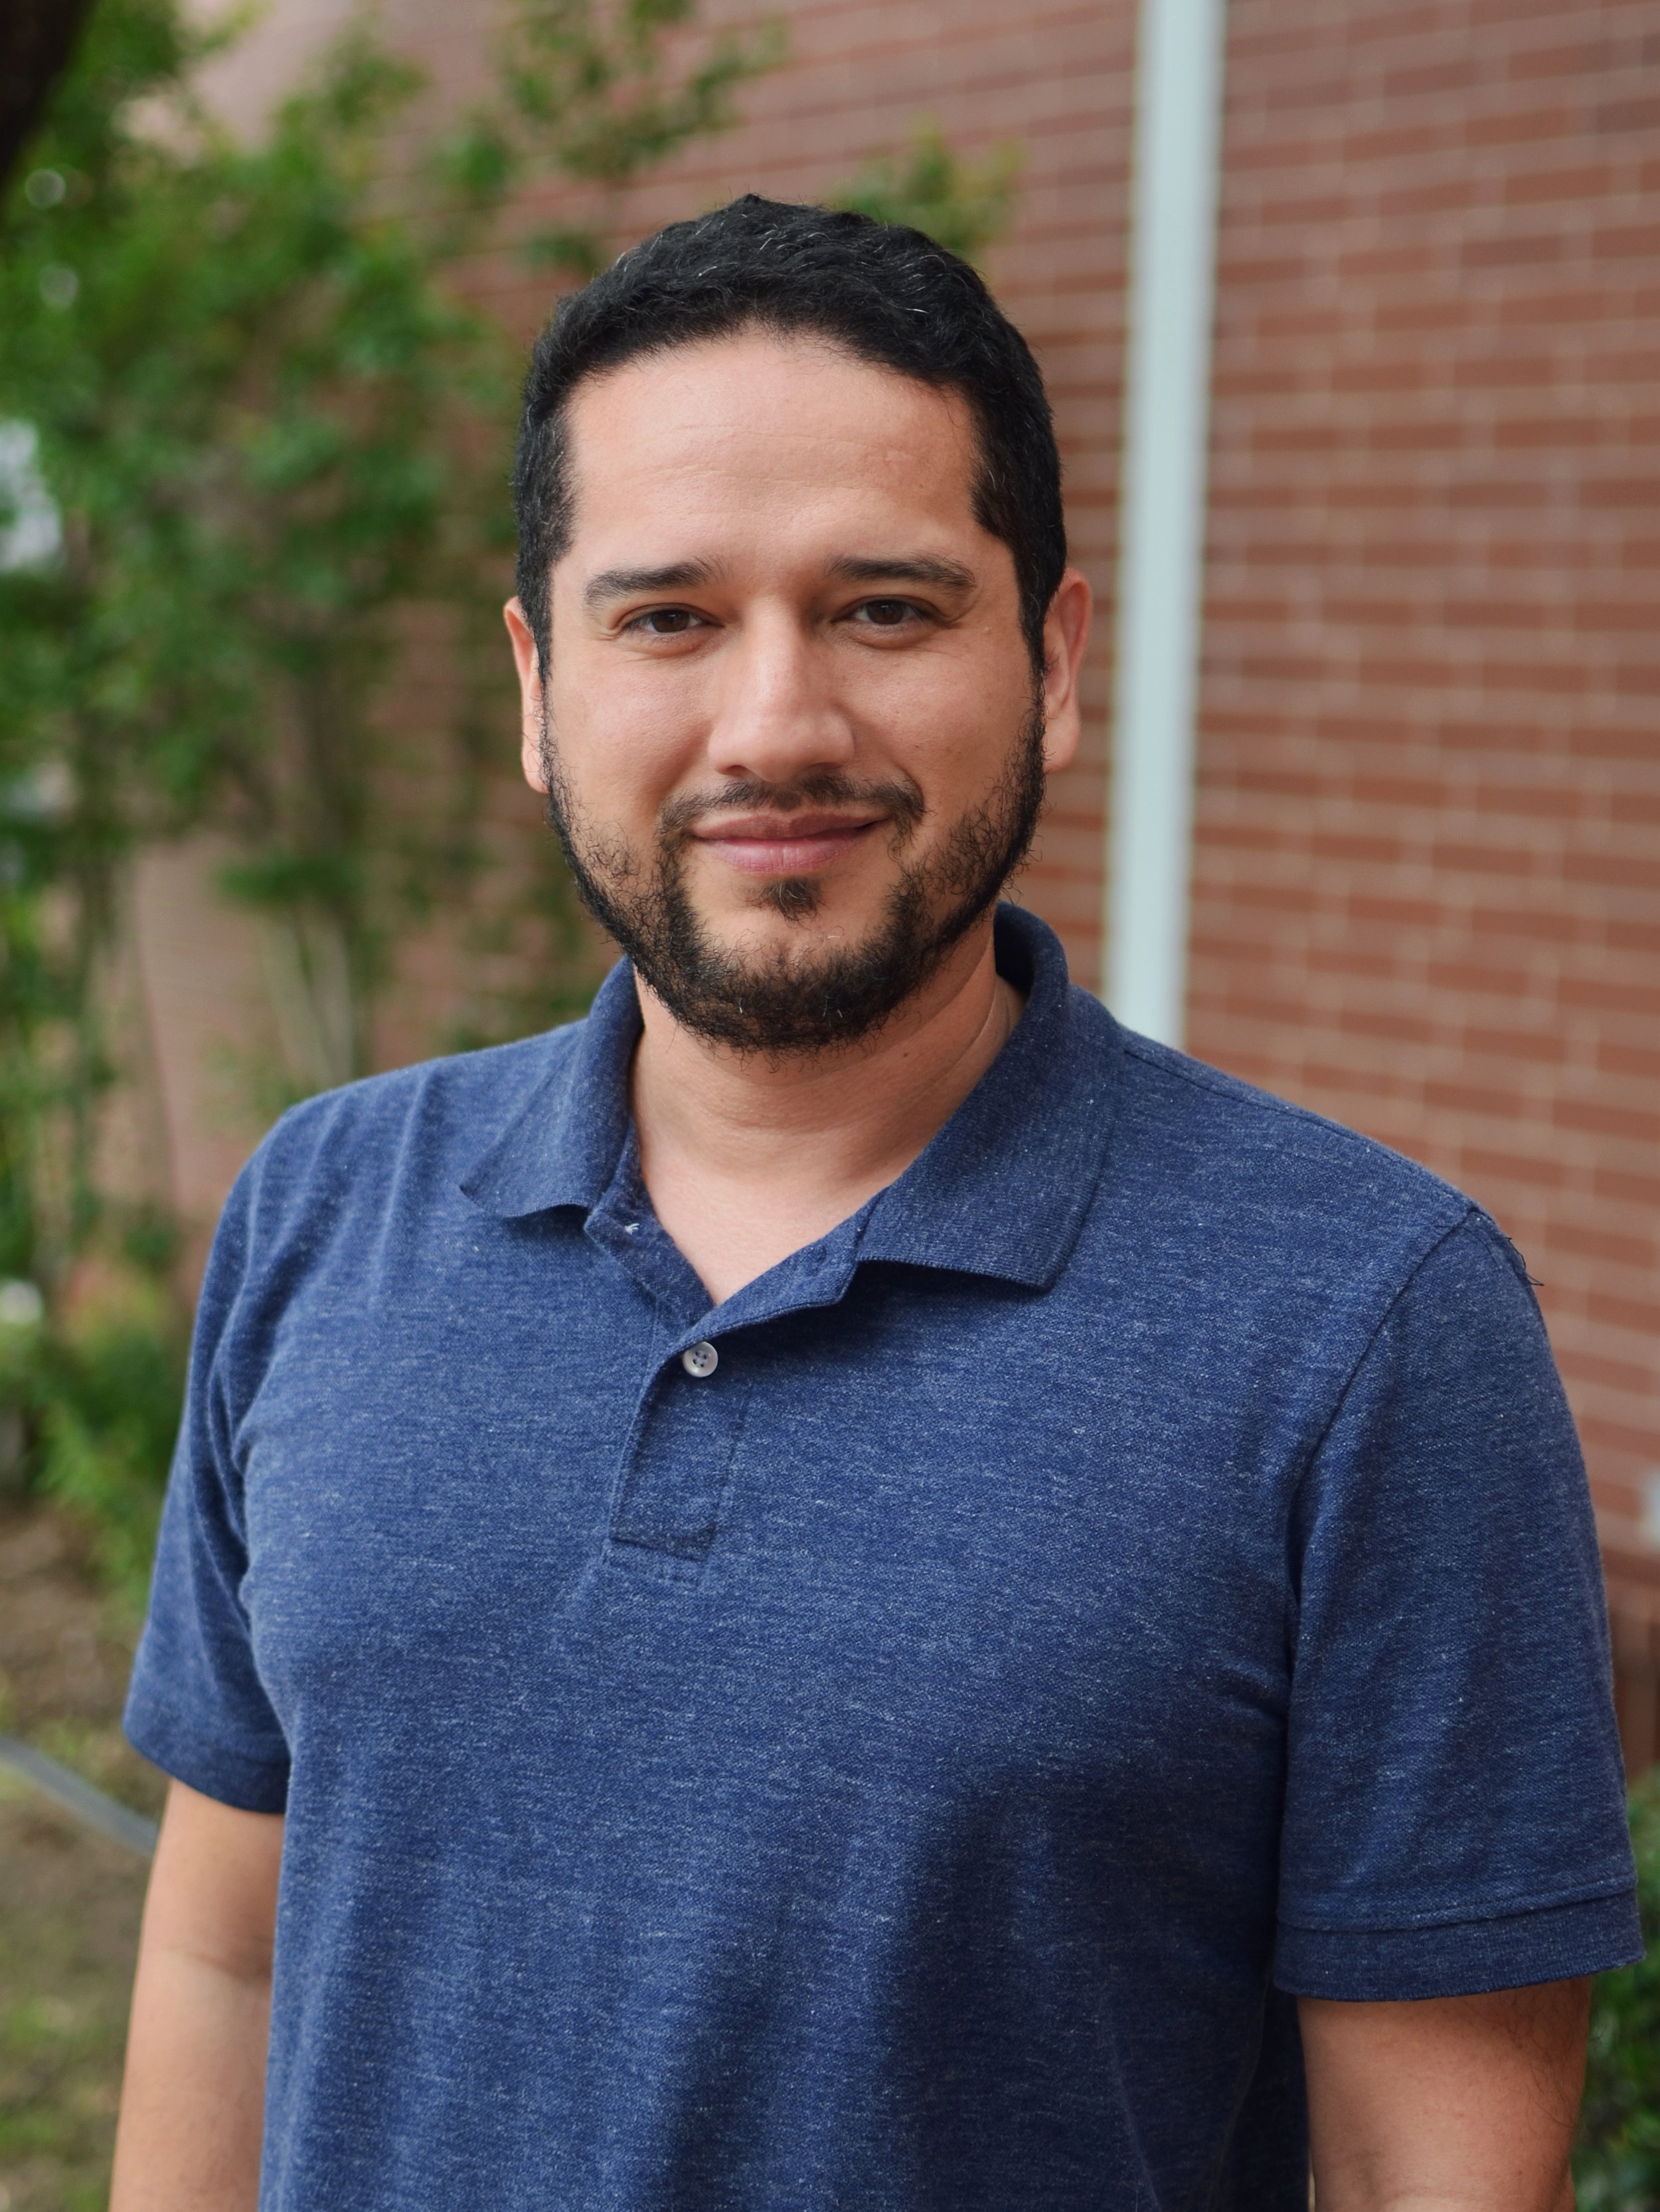 Chris Vasquez, Creative Media Director